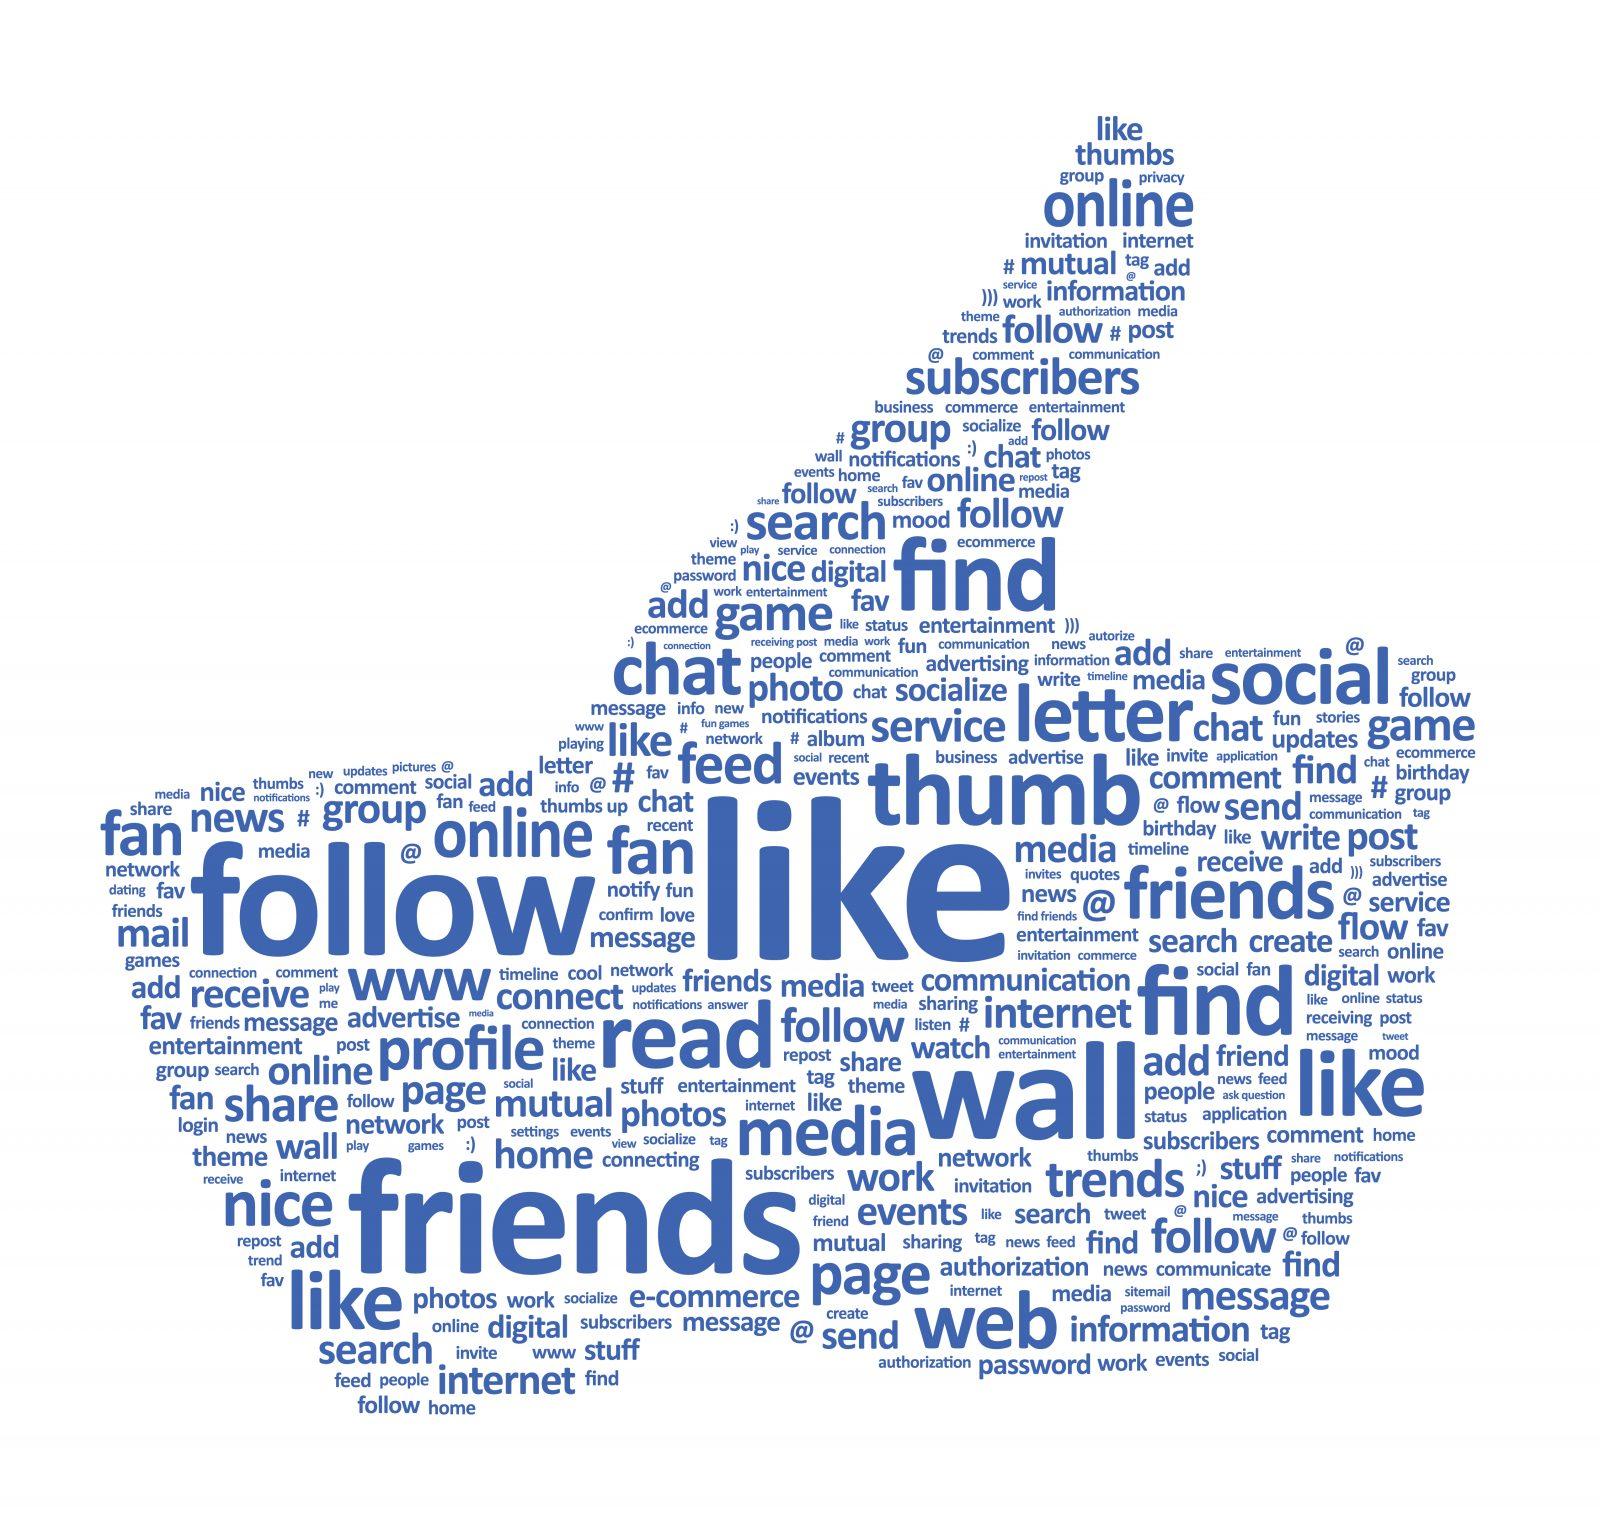 5 טיפים לניהול עמוד פייסבוק עסקי | ניהול עמוד פייסבוק